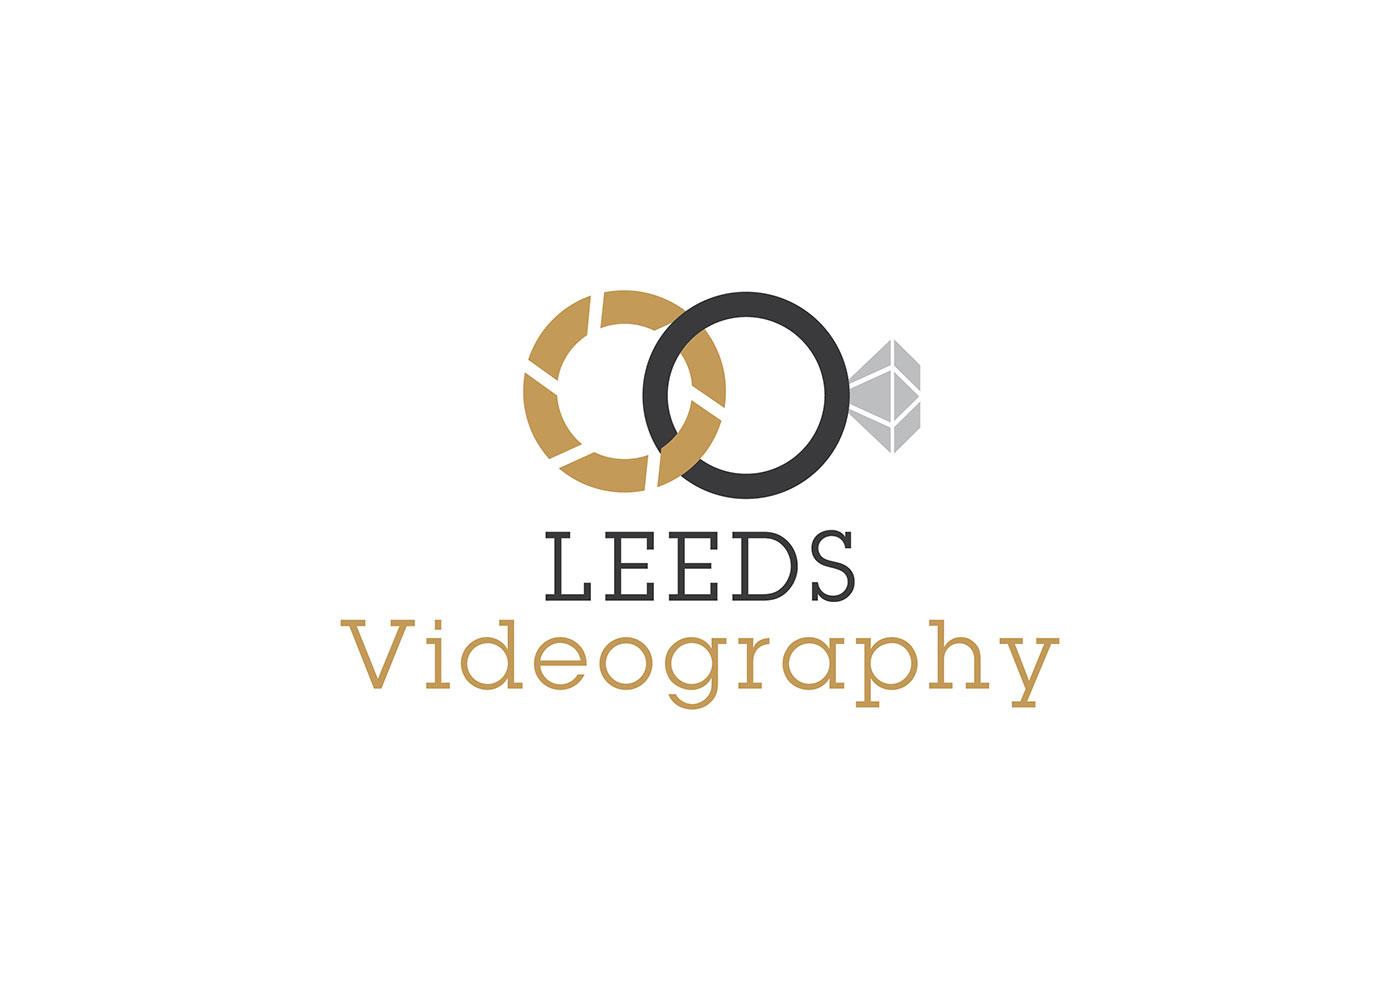 videography logo design